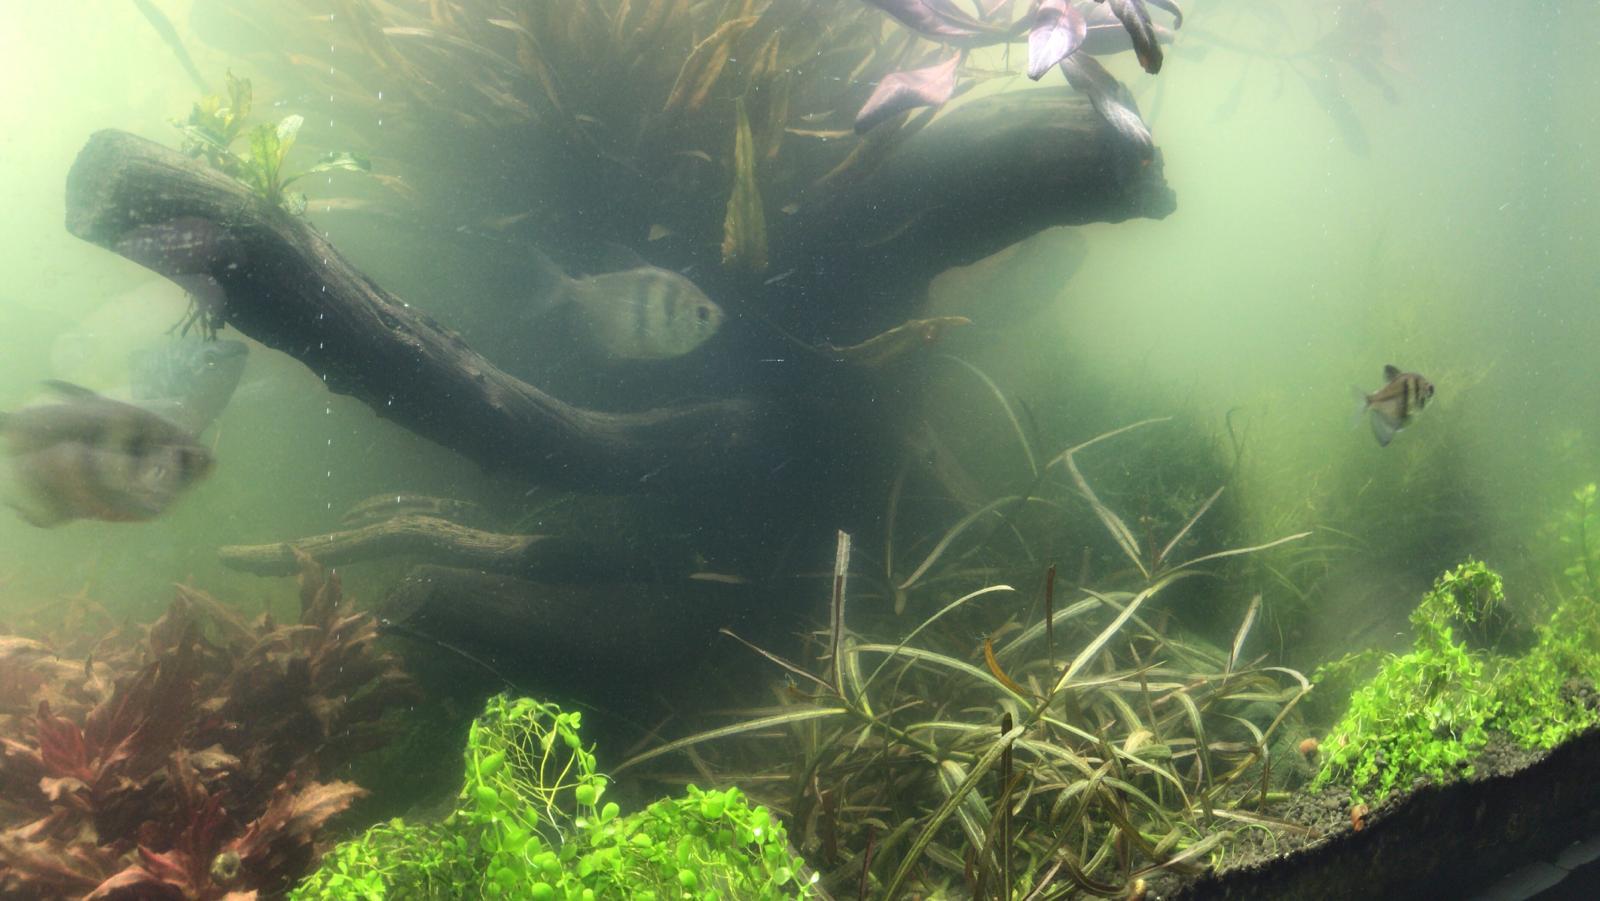 Atemberaubend Grüne Schwebealgen oder die Algenblüte - Algen-im-Aquarium.de #CX_49